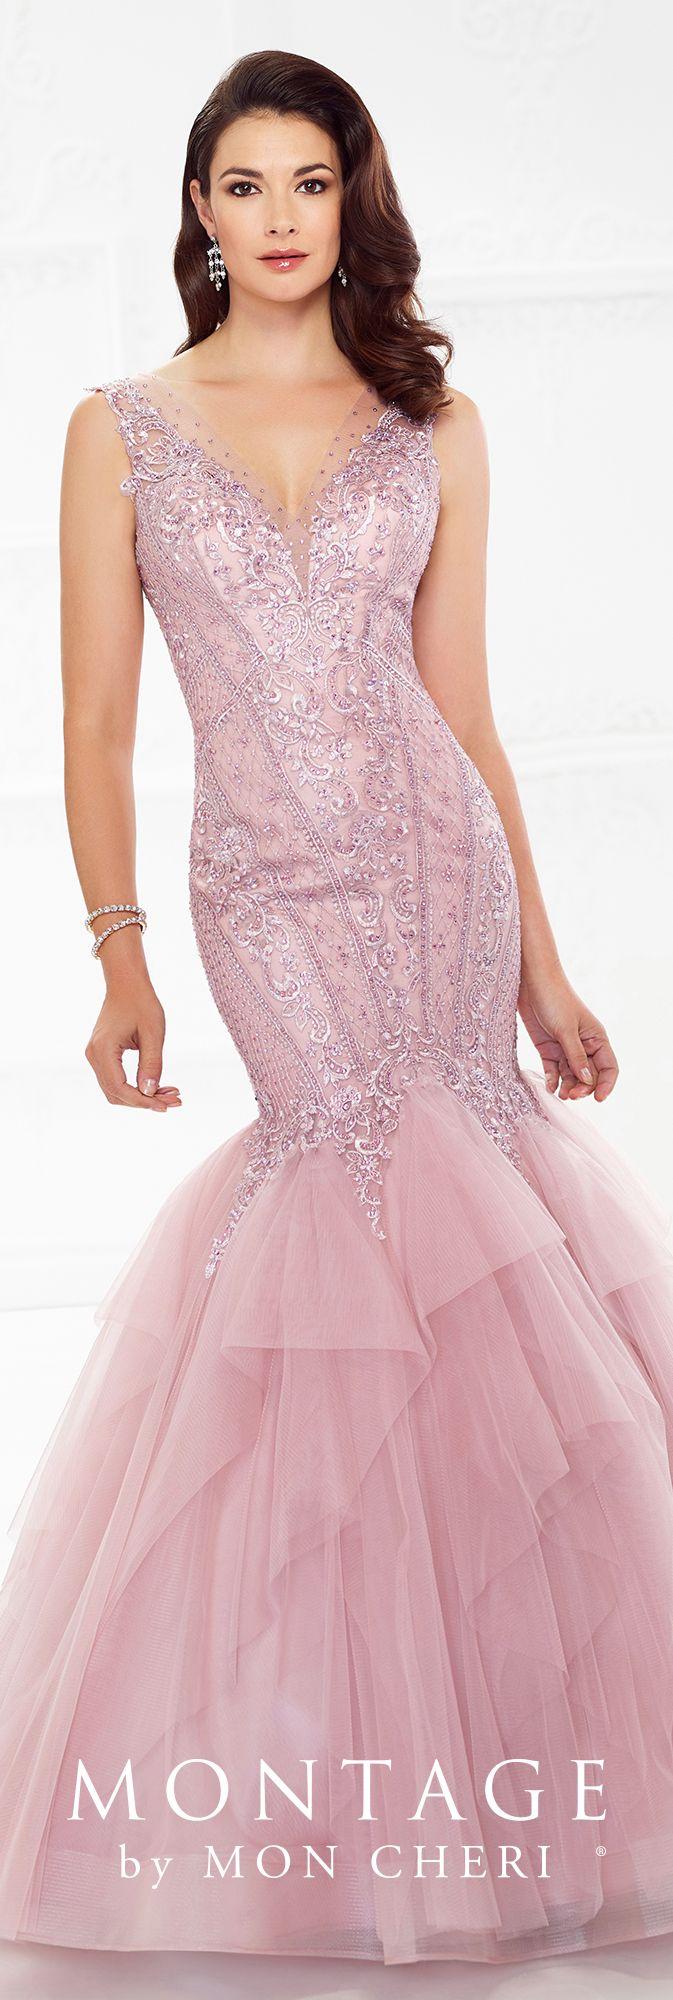 Montage by Mon Cheri - 118972 | Vestido formal, Vestido bordado y ...